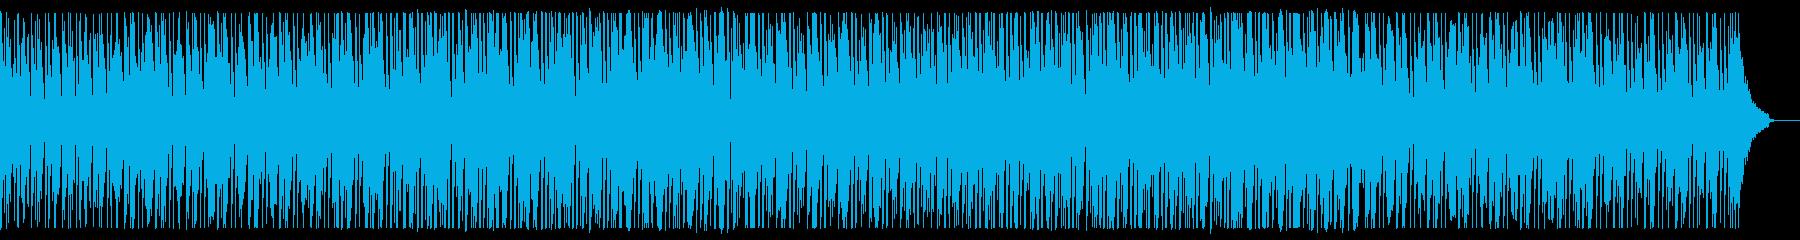 クリーンで落ち着いた説明向けのBGMの再生済みの波形